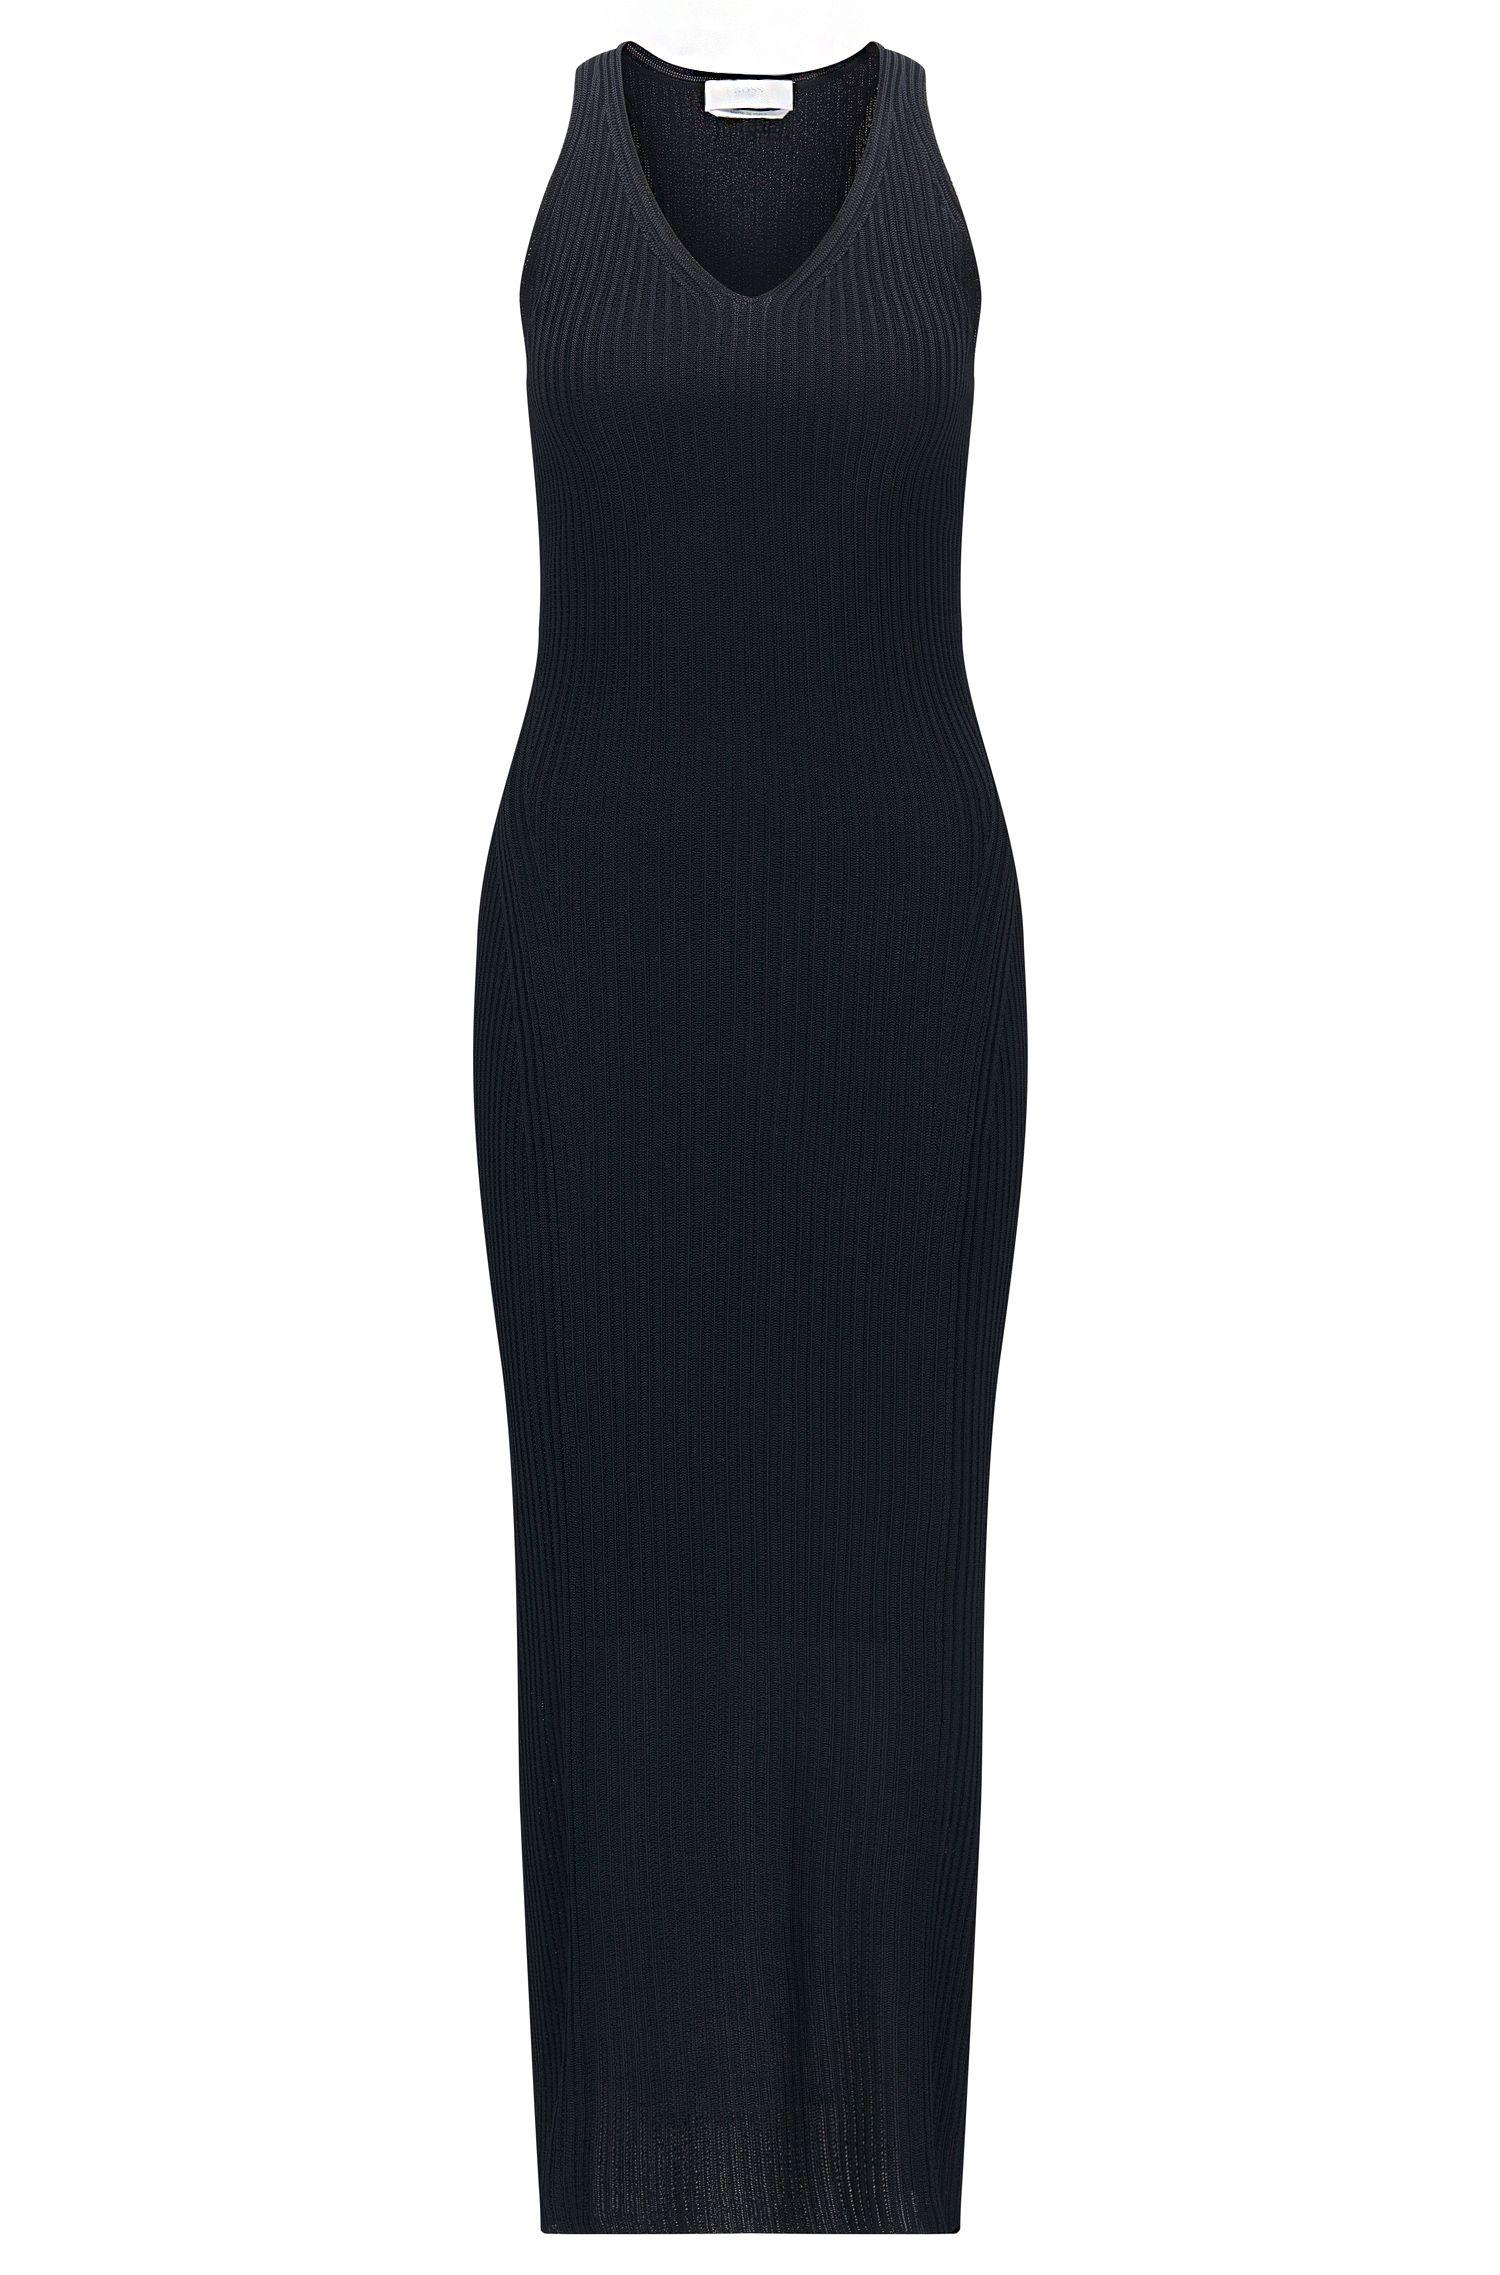 Ribbed Knit Sheath Dress | FS Firuza